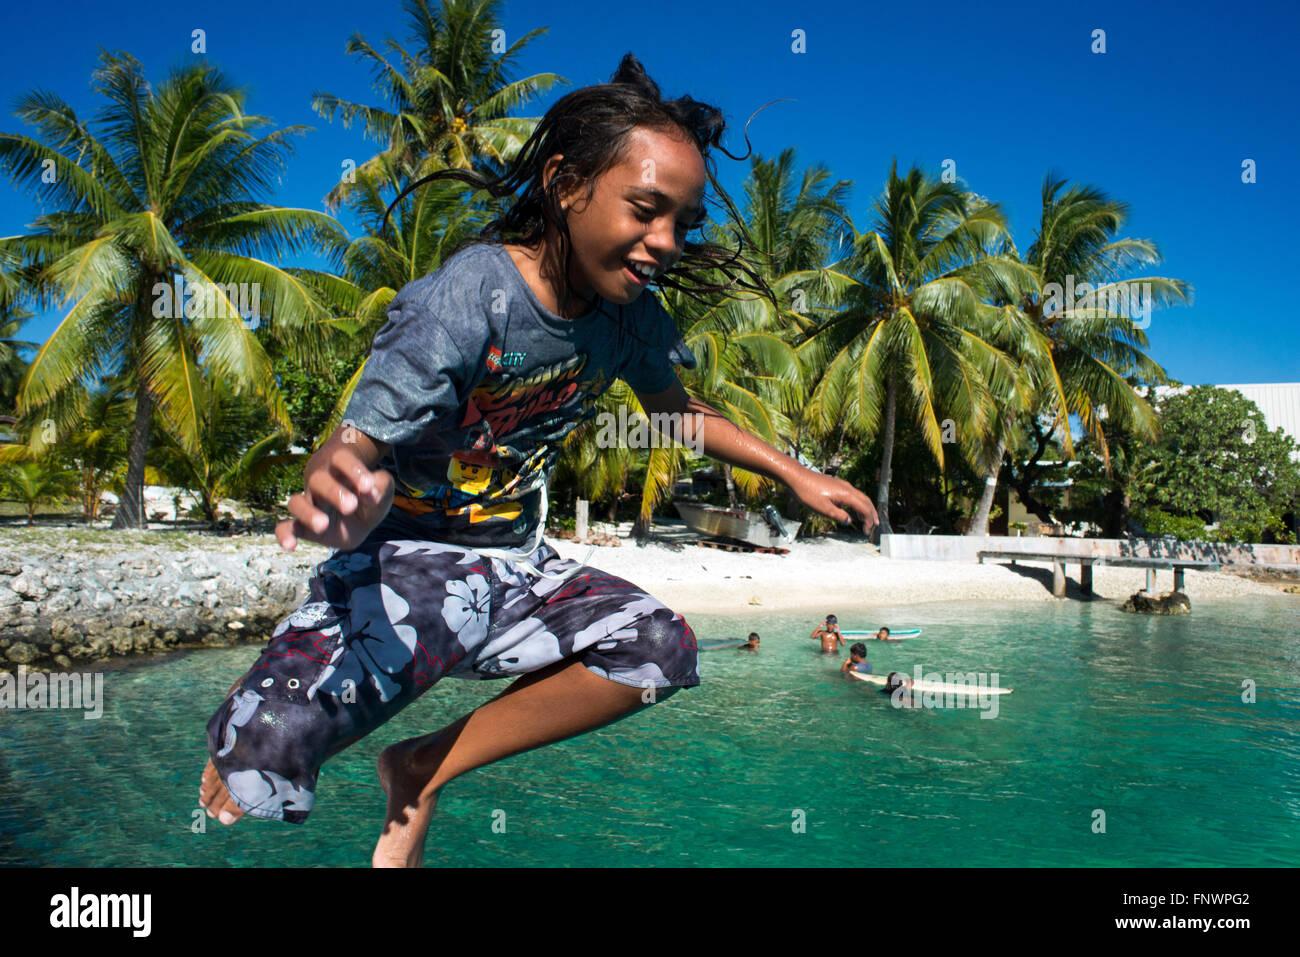 Playa de Rangiroa, las Islas Tuamotu, en la Polinesia Francesa, el Pacífico Sur. Un niño jugando y saltando en el agua. Foto de stock